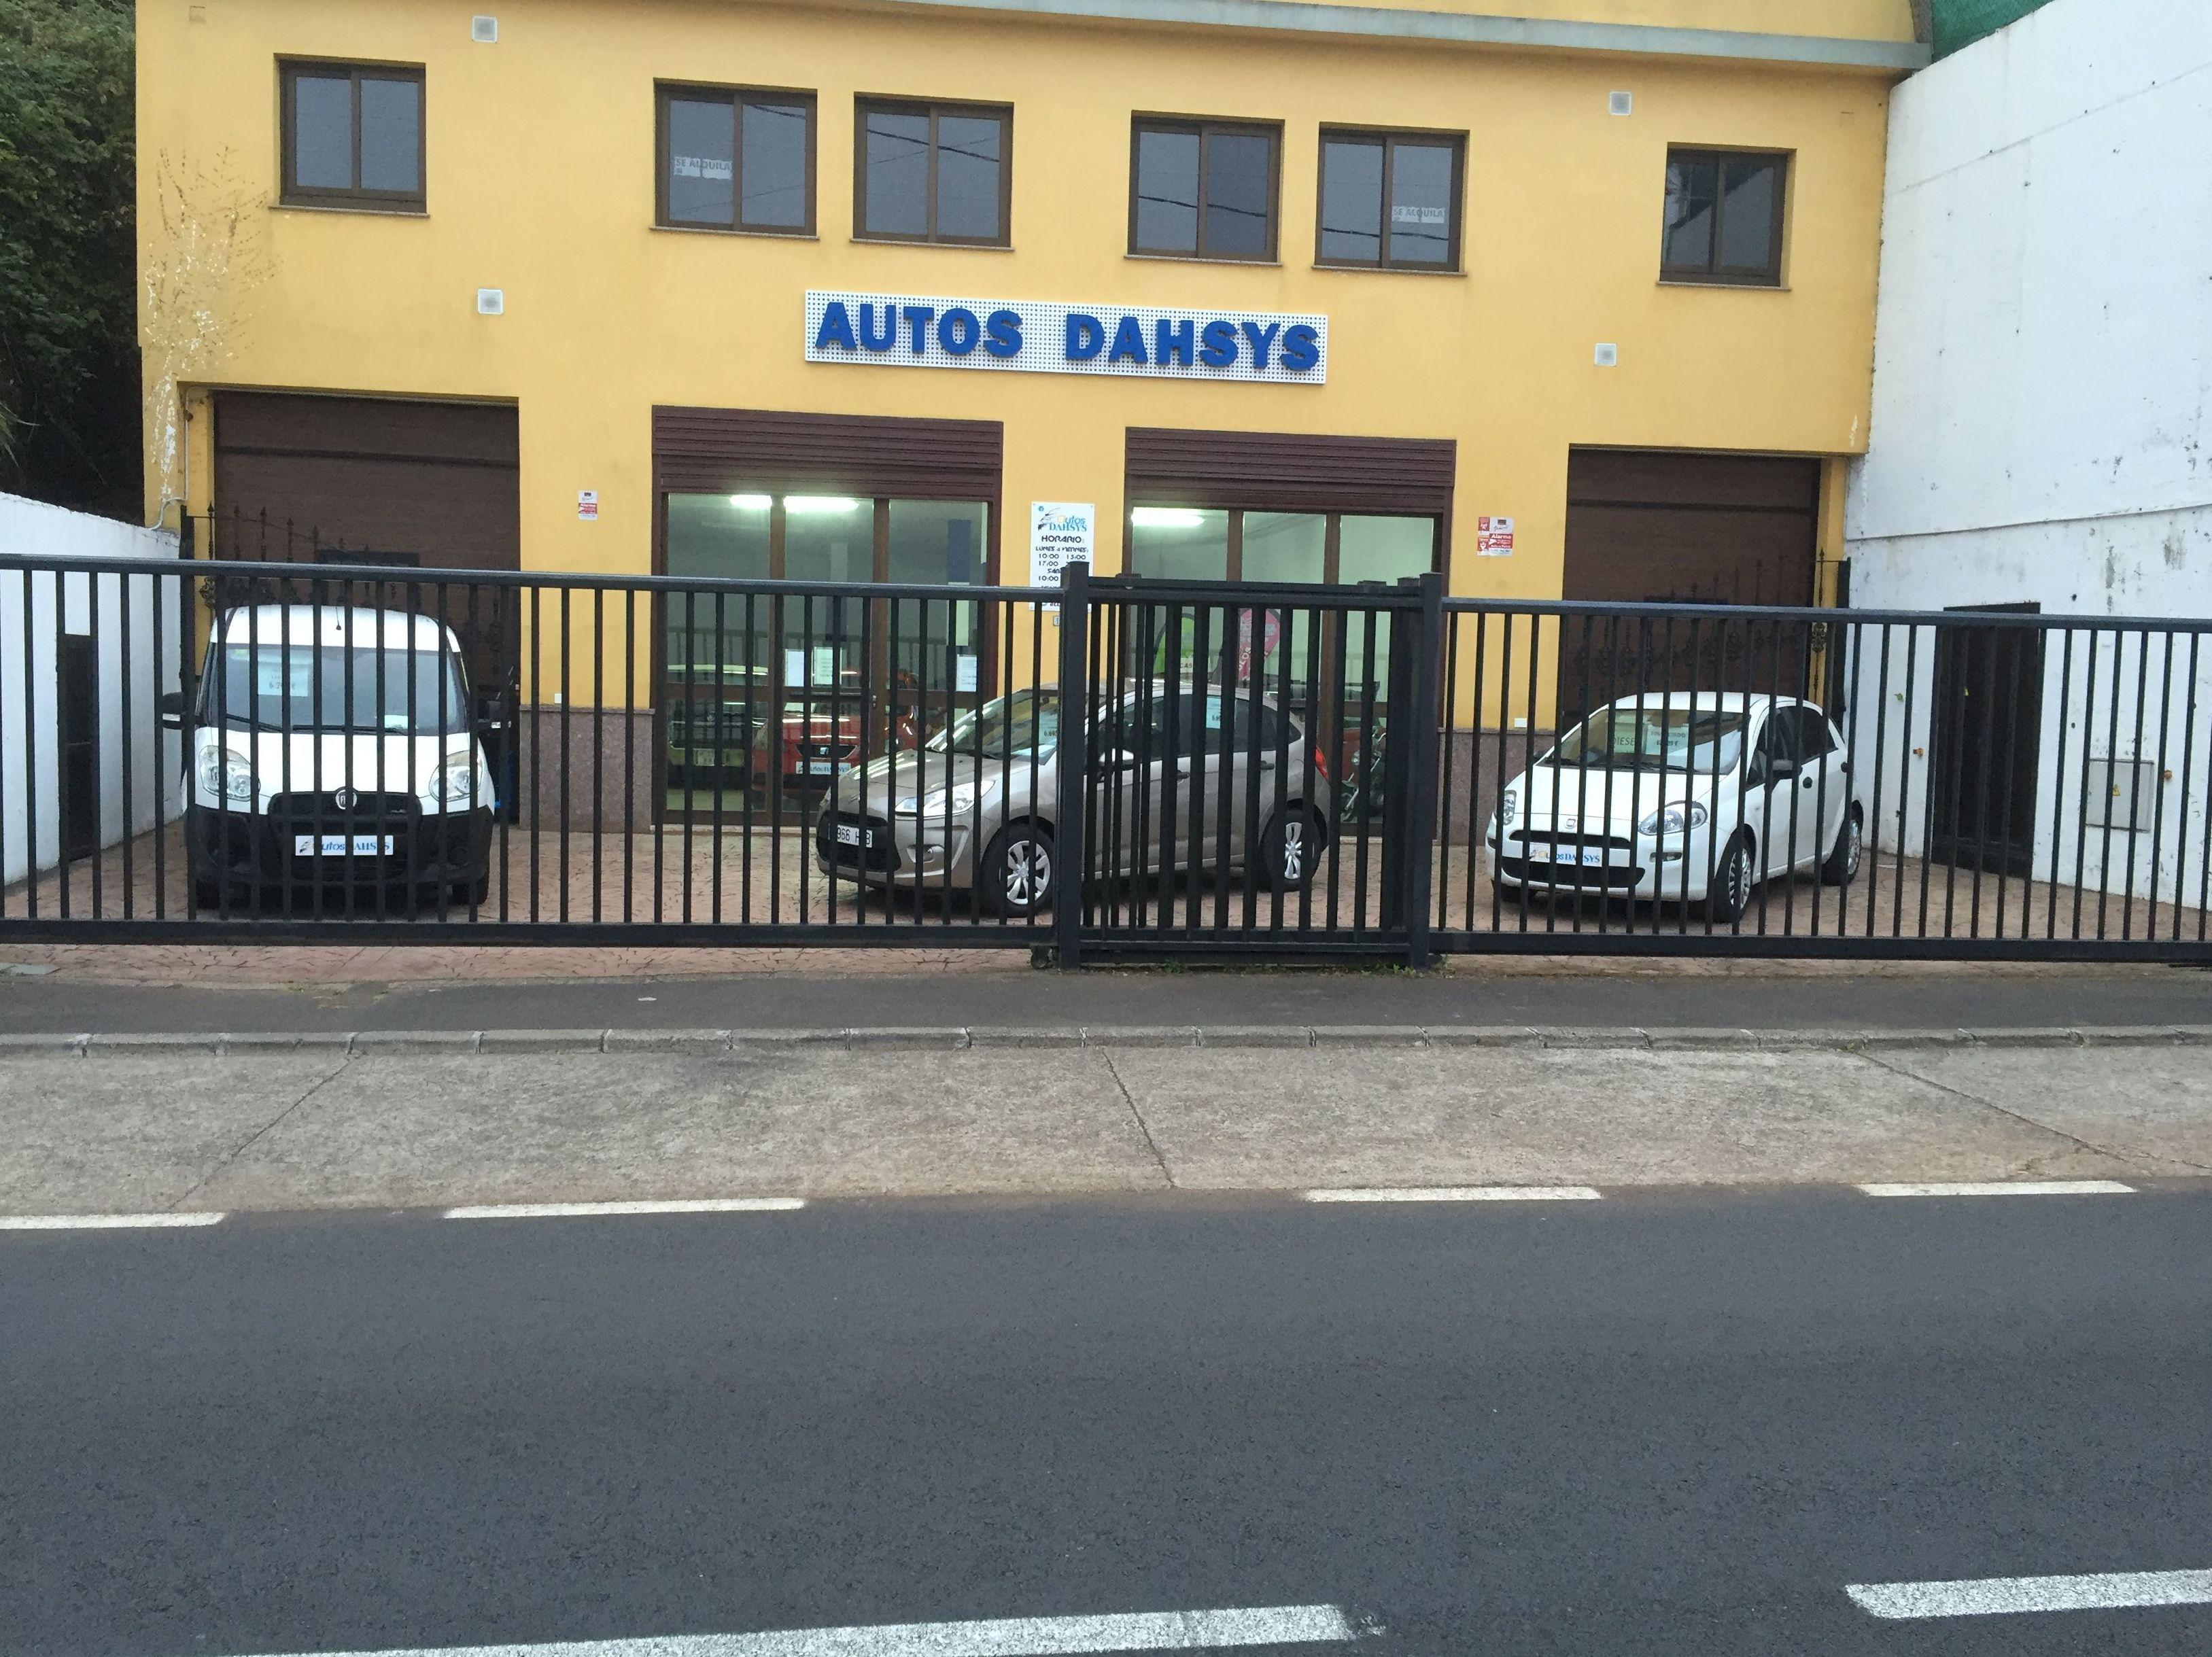 Foto 197 de Talleres de automóviles en Tacoronte | Centro Auto Dahsys